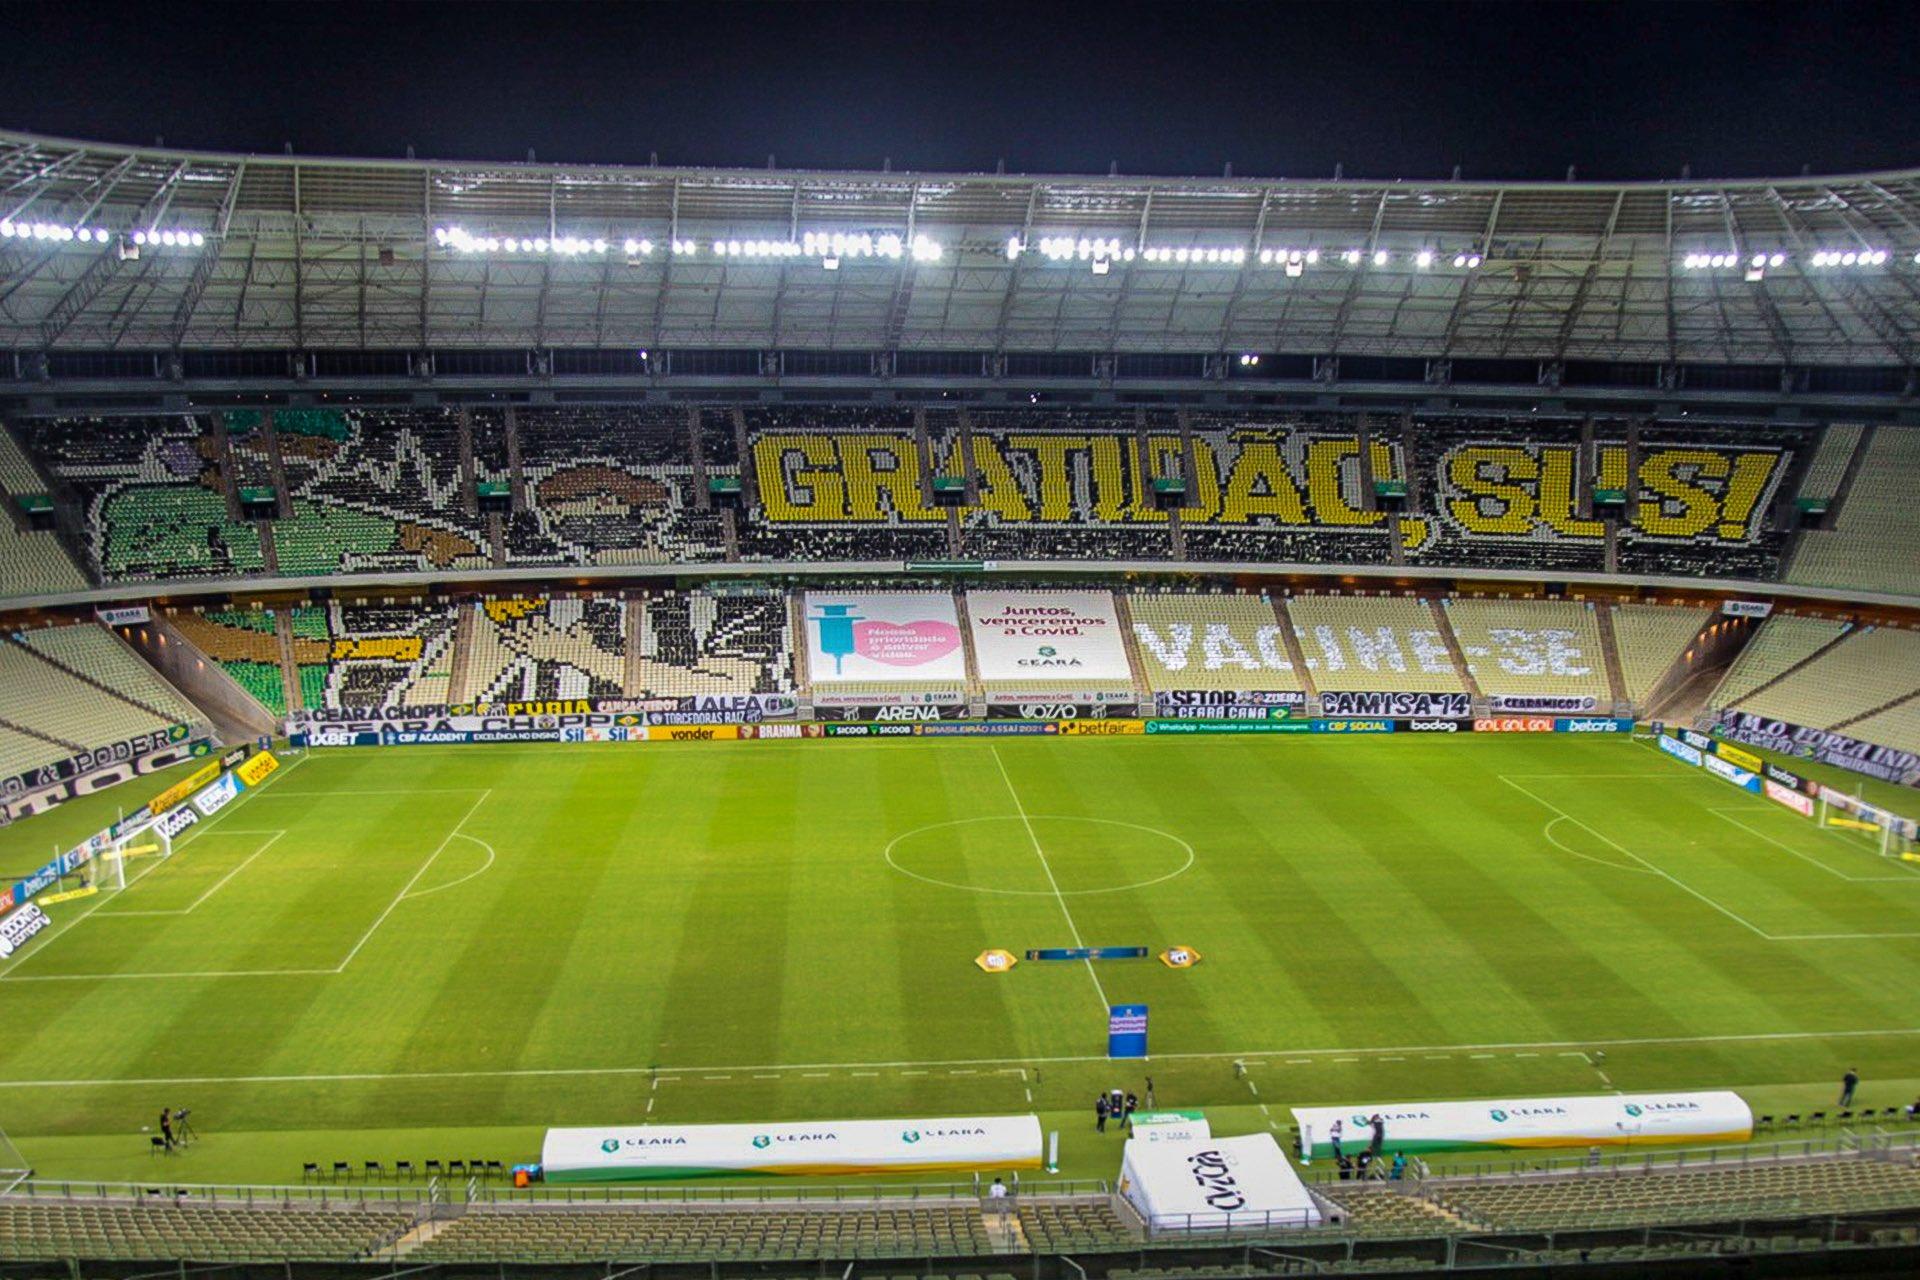 Com objetivos divergentes, Ceará e Internacional se enfrentam na noite desta quarta-feira (06), às 19h, na Arena Castelão, em Fortaleza (CE)